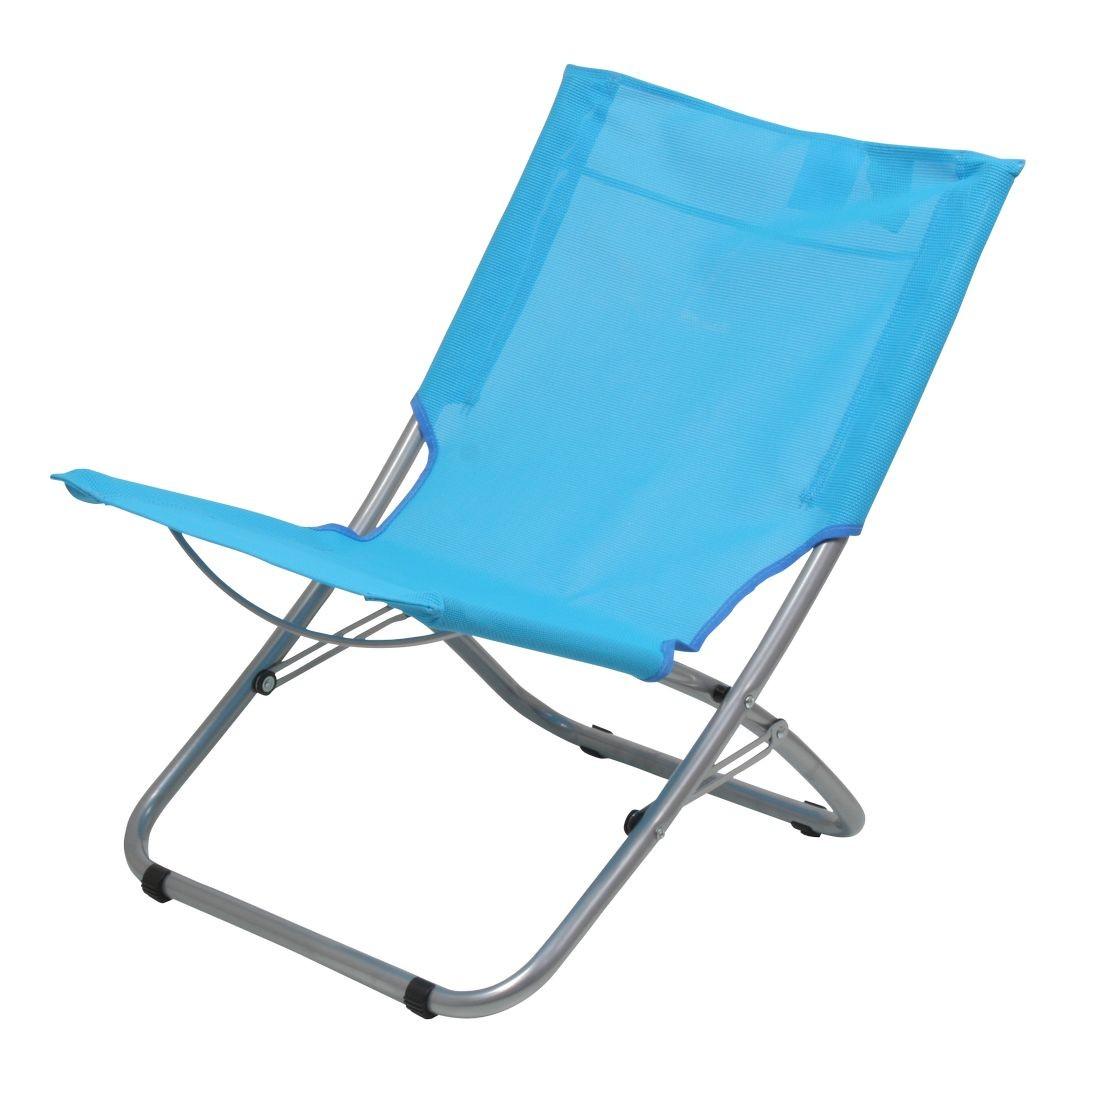 t outdoor equipment sunchair imagen